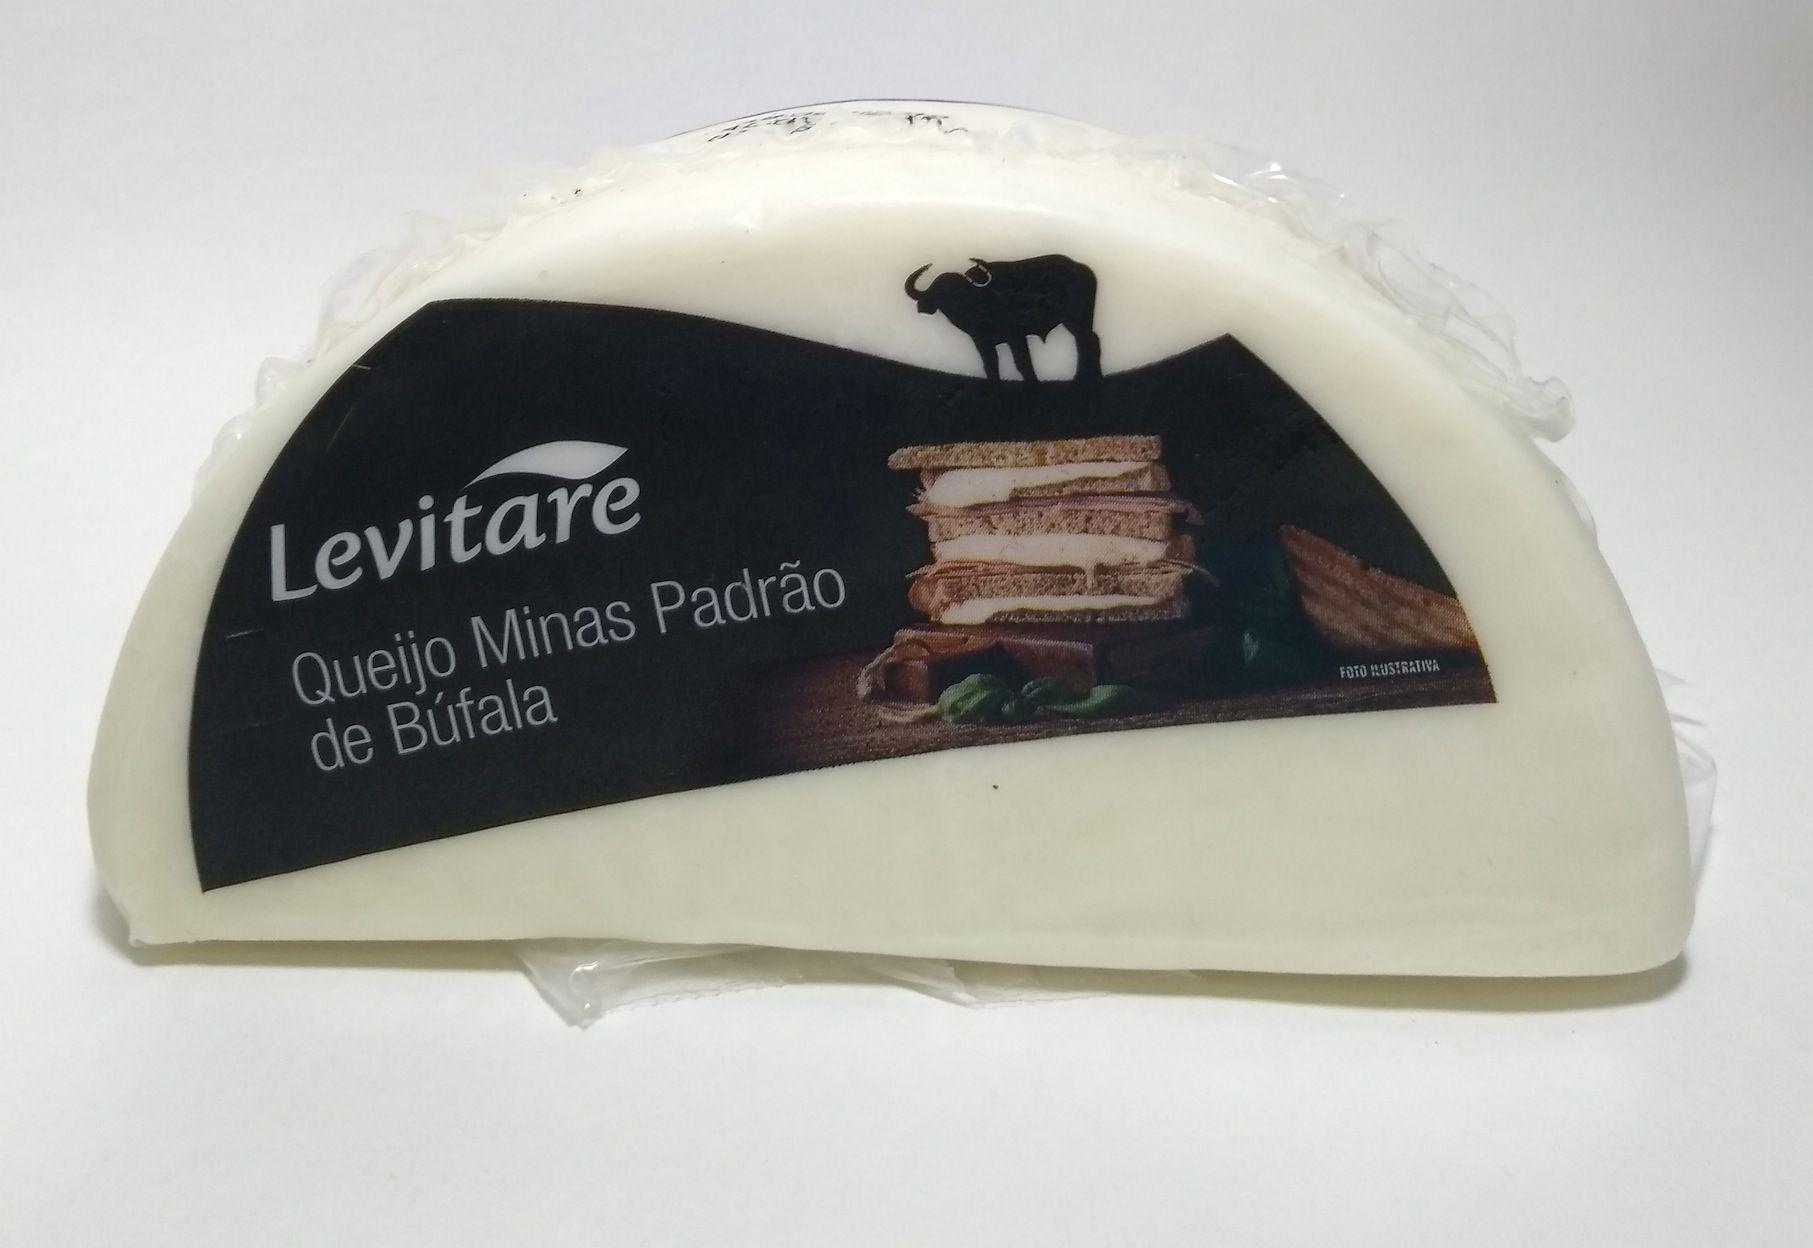 Queijo minas padrão de búfala – Levitare